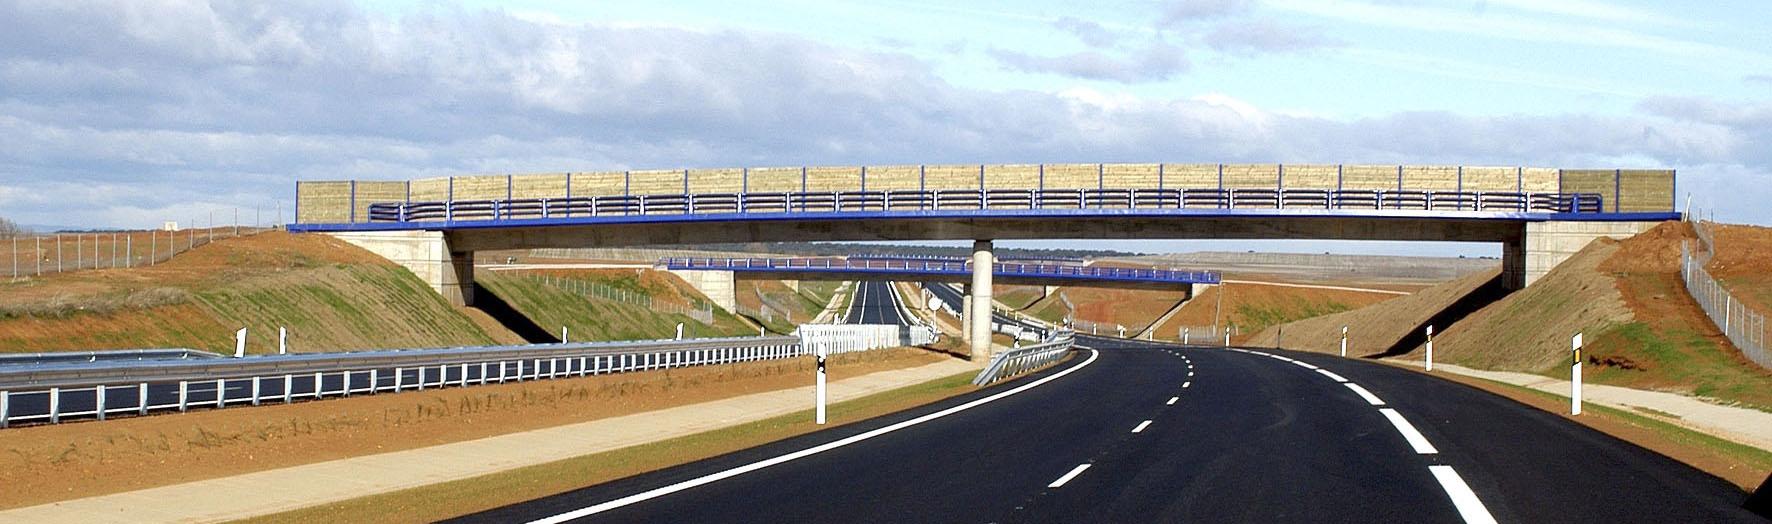 puenteInsa